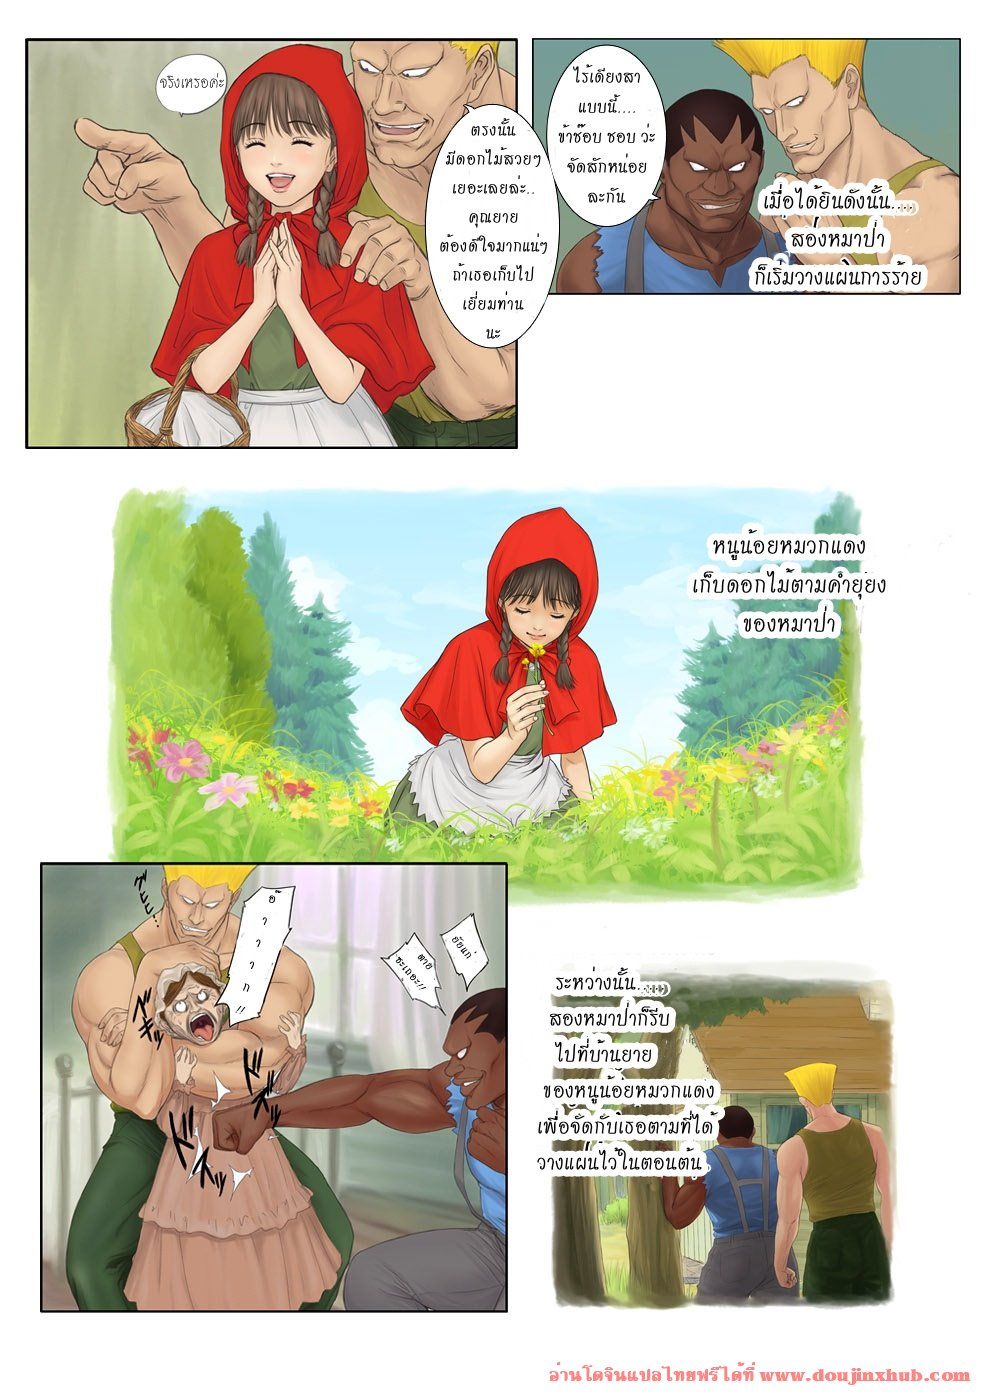 หนูน้อยหมวกแดง (ภาคพิเศษ)-4